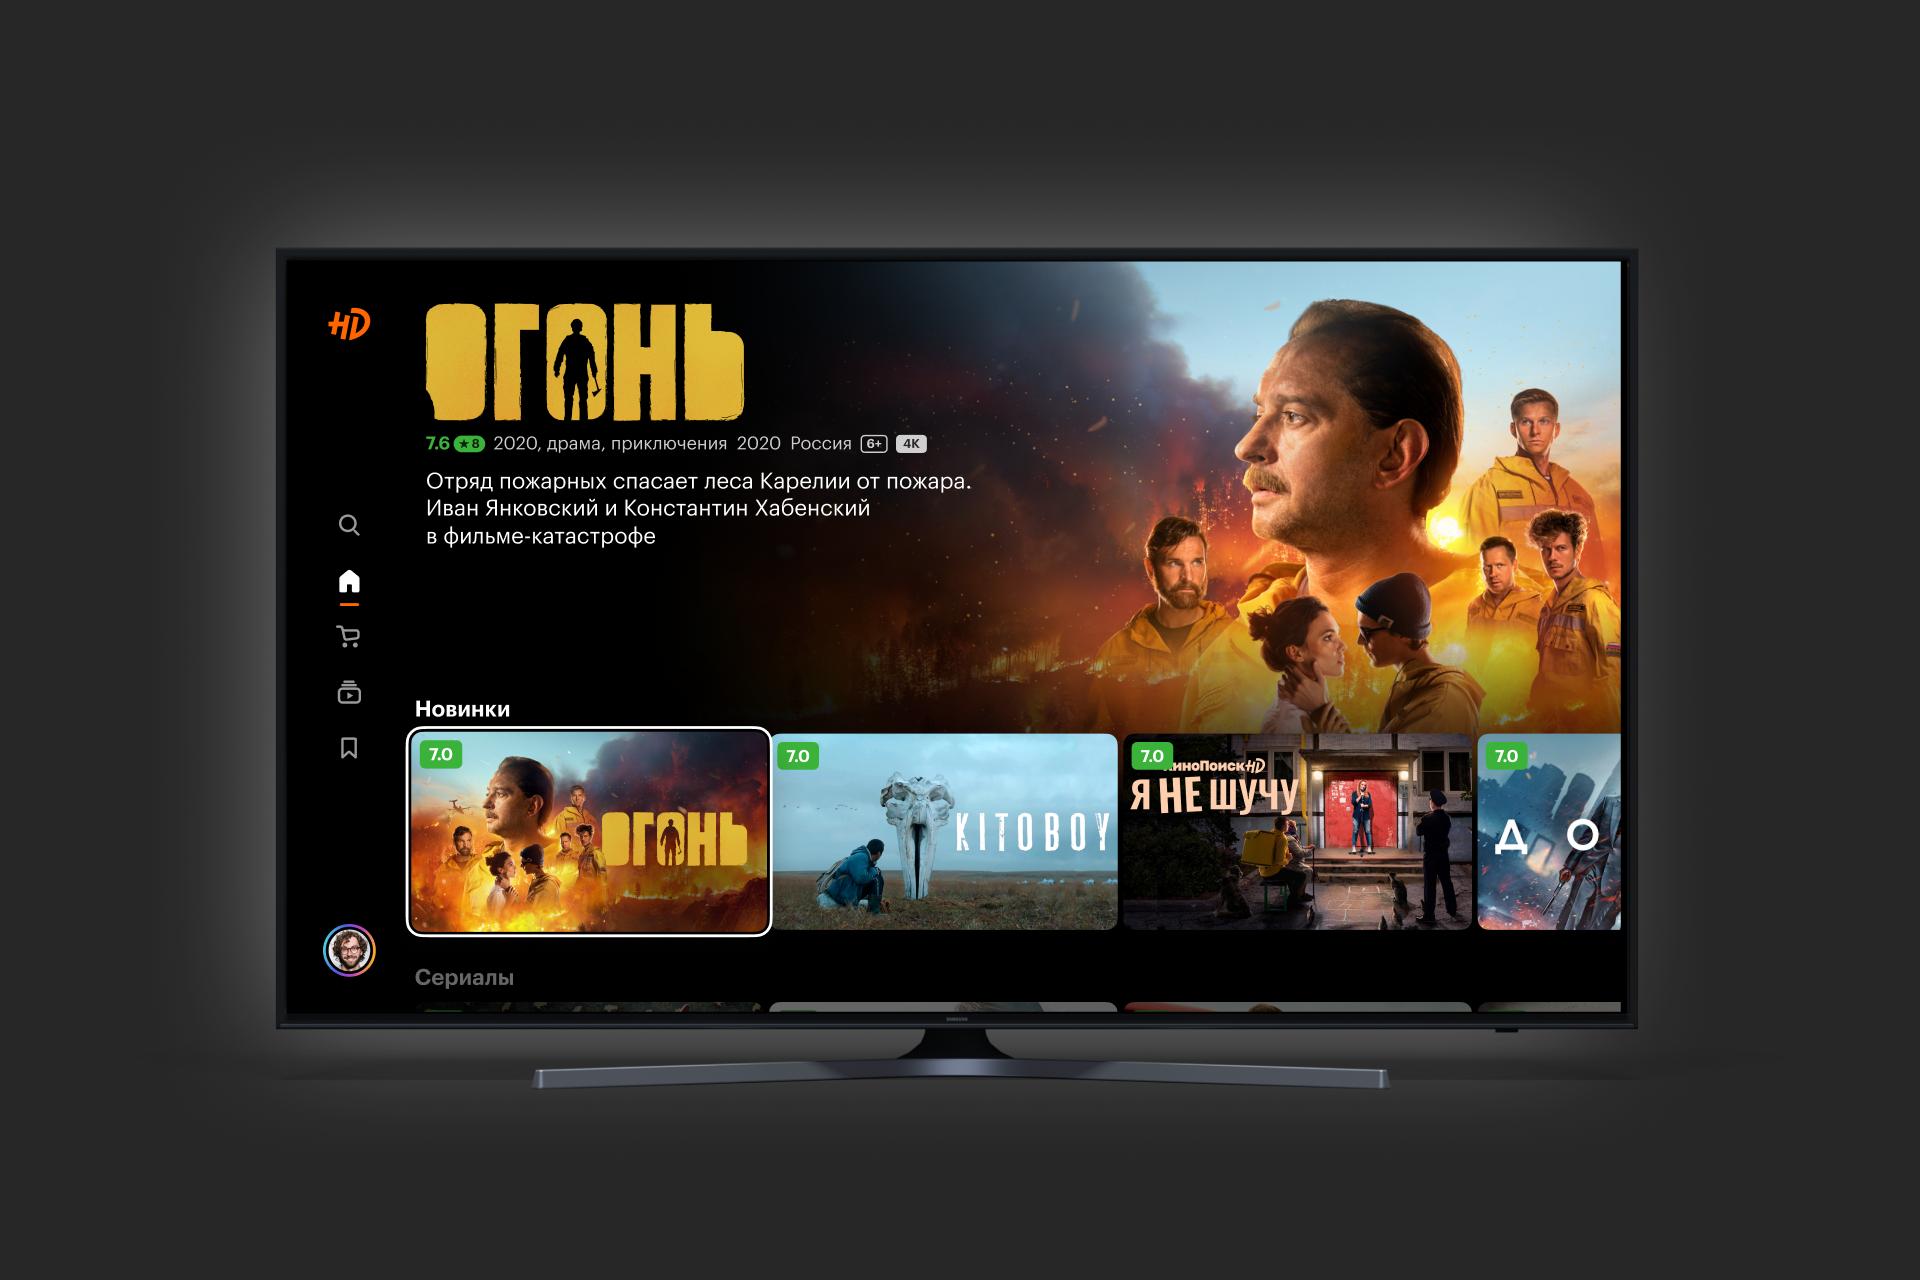 Что нового: Поиск, телевизоры, пульты и кнопки